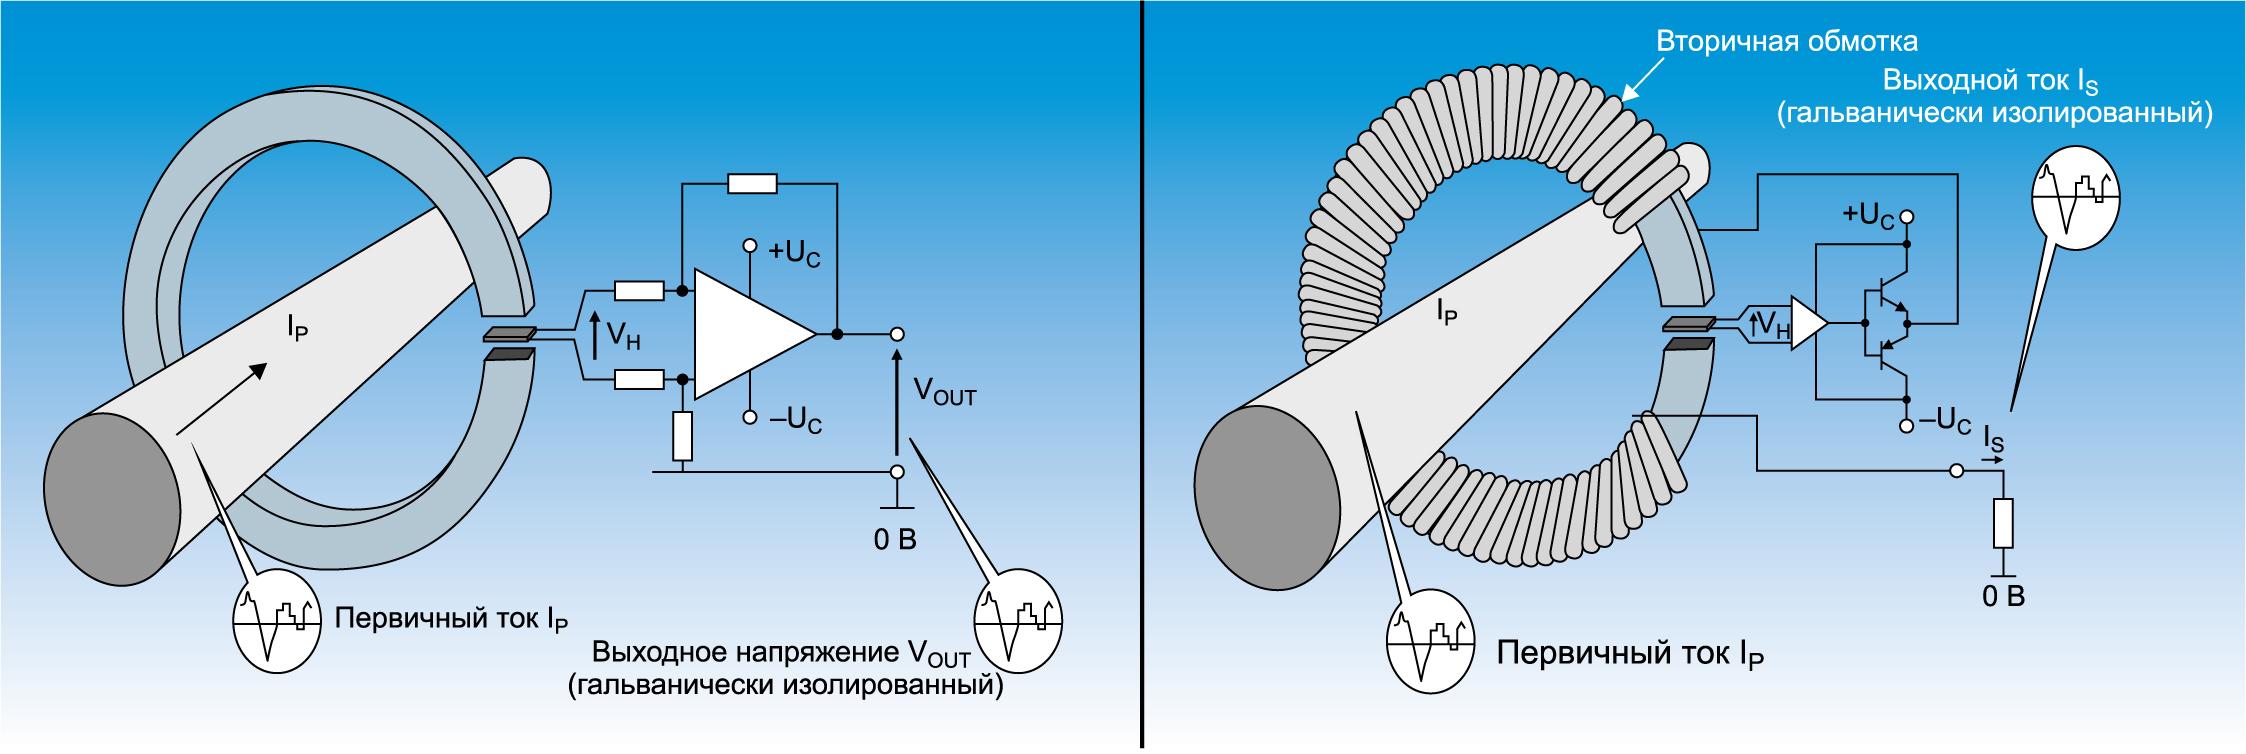 Датчики тока прямого усиления (слева) и компенсационного типа